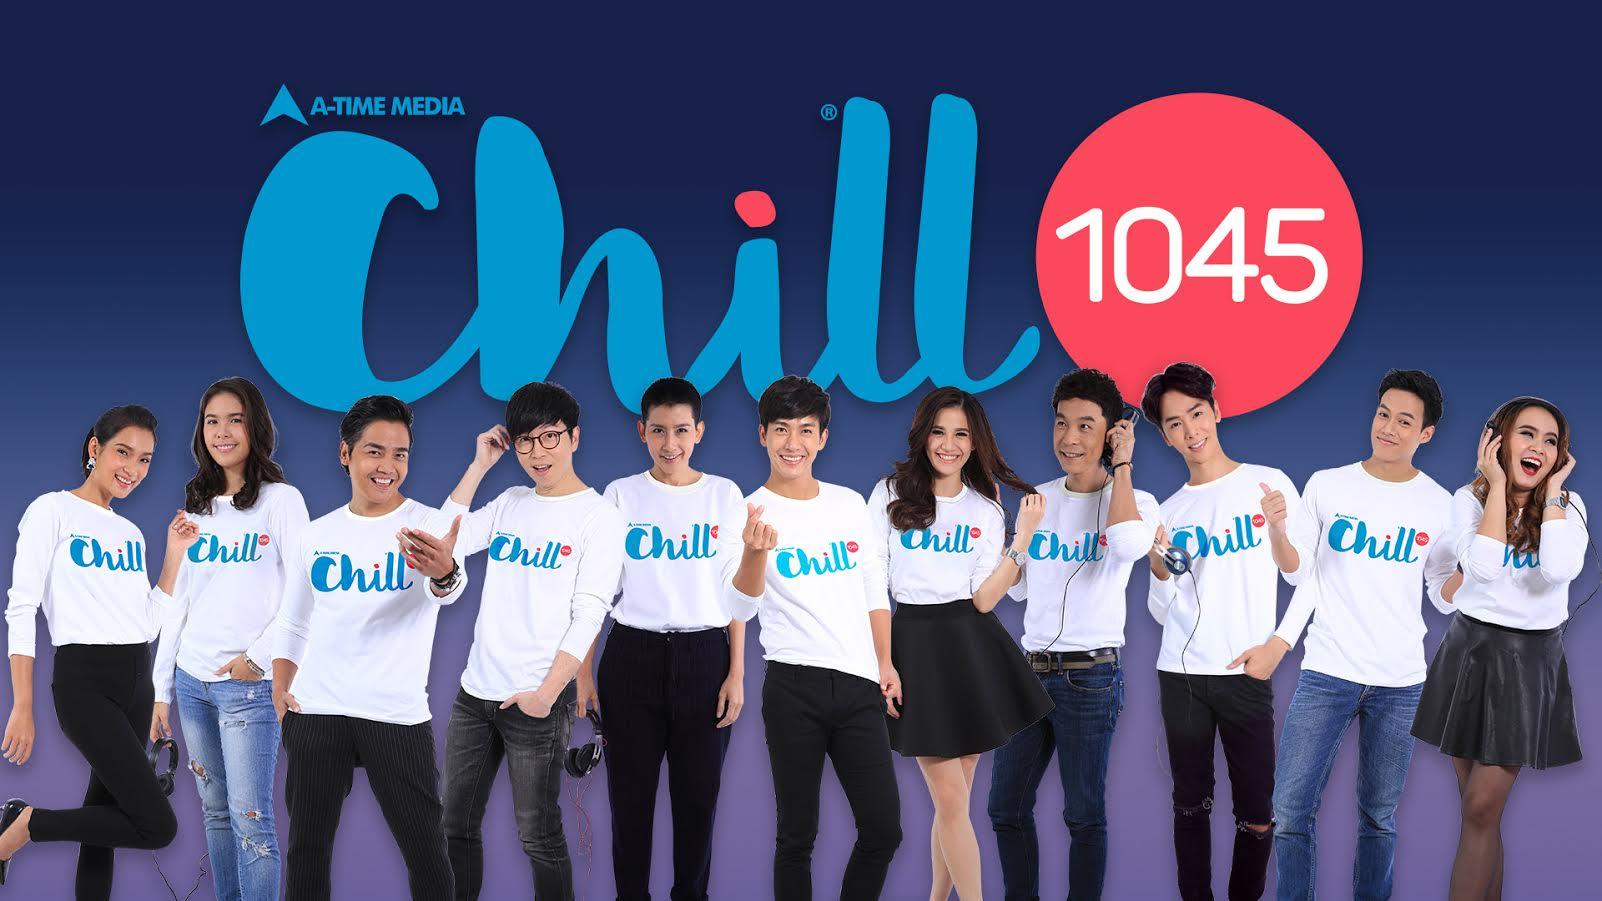 Chill 104.5 FM